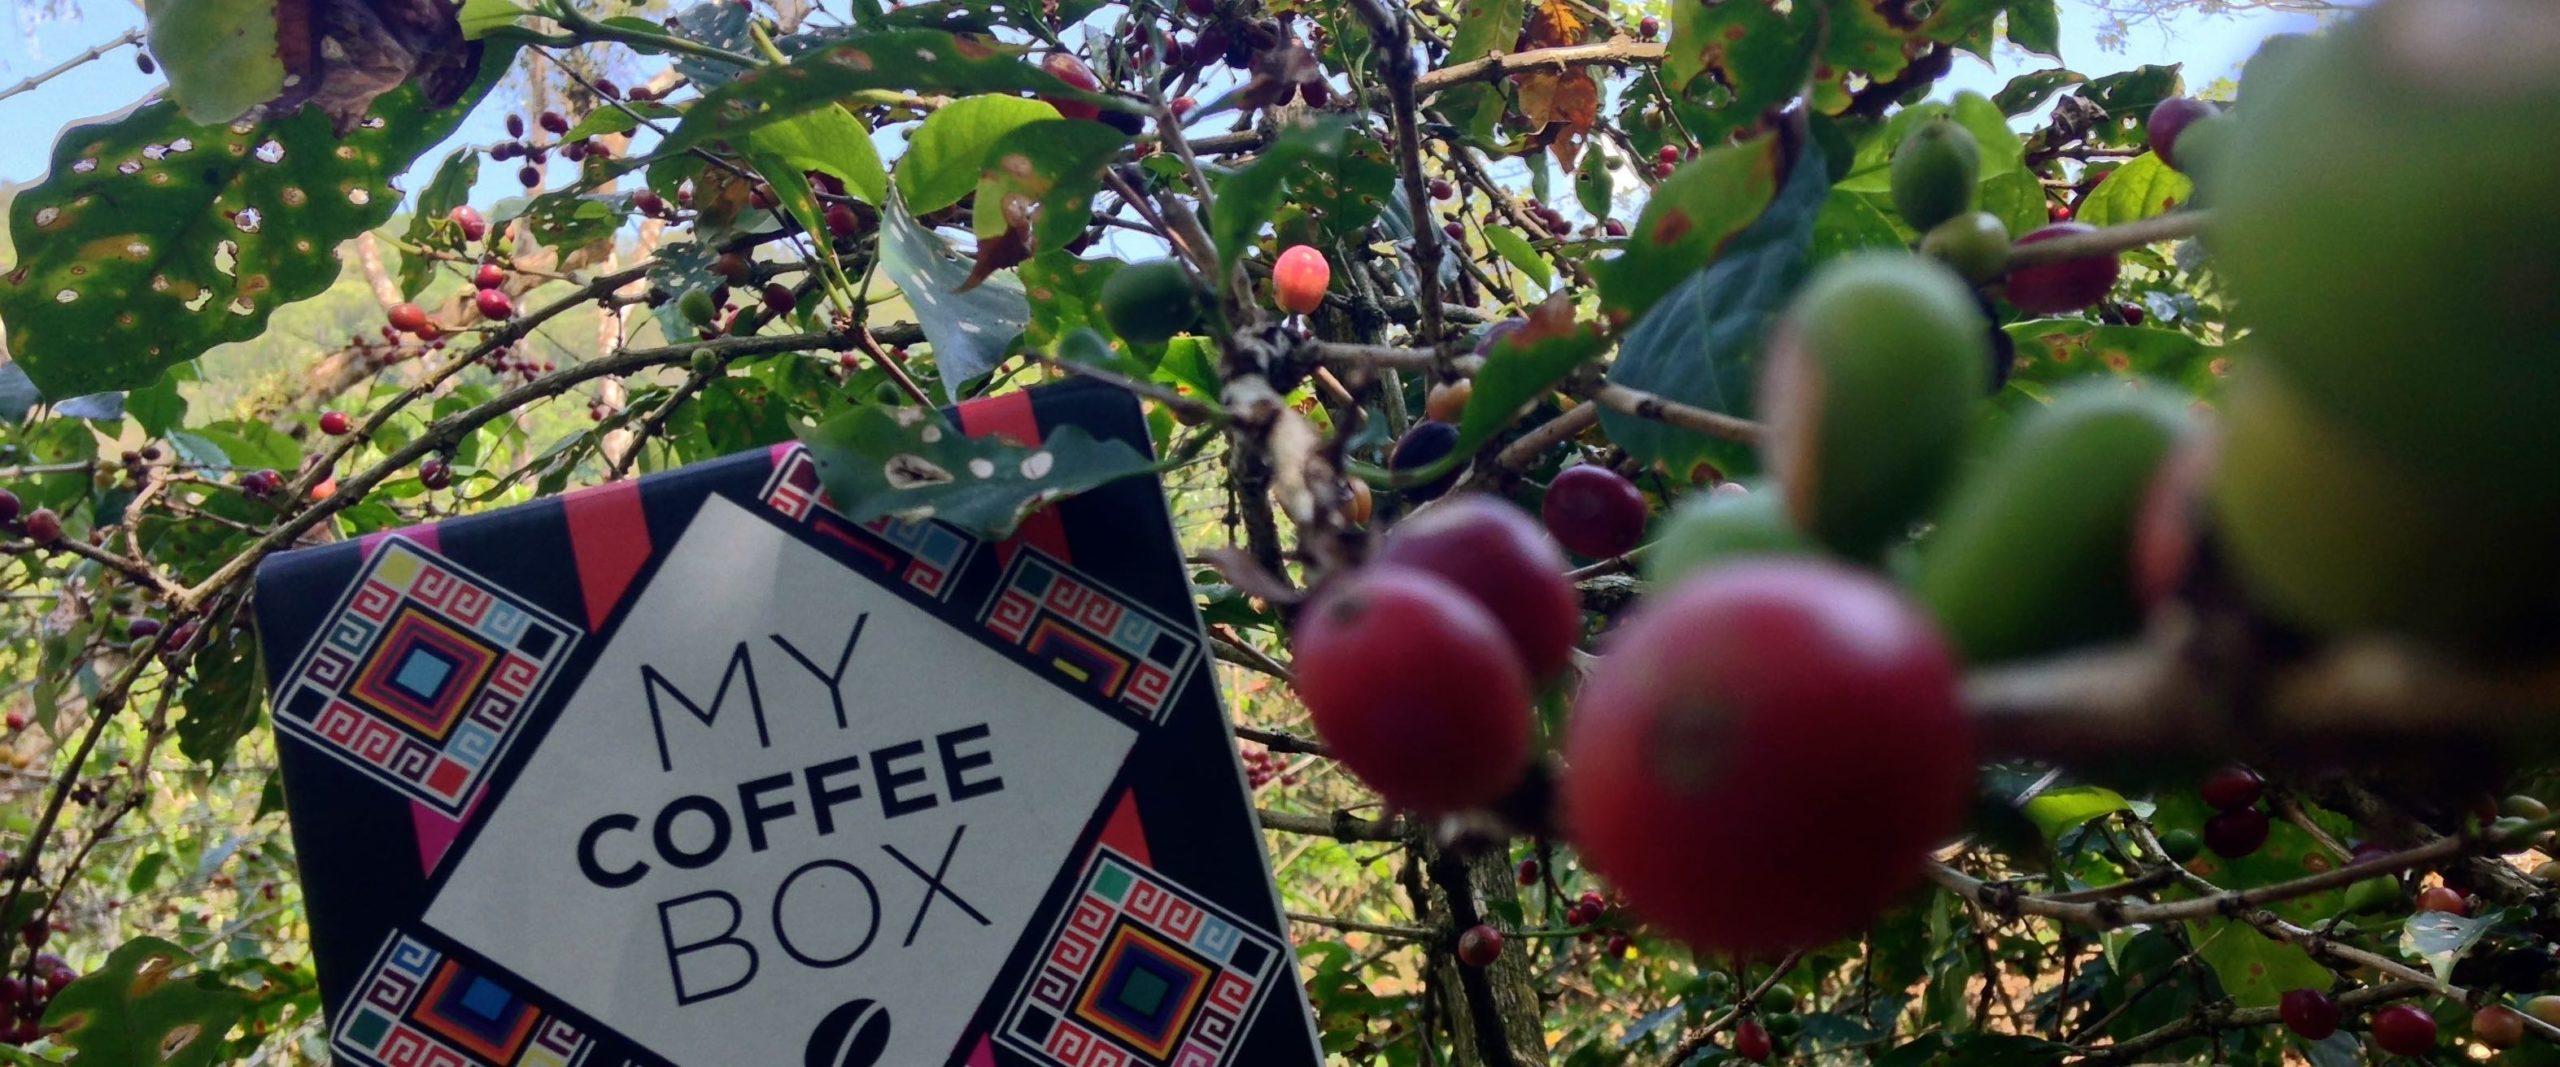 caja mycoffeebox con cafe organico de chiapas